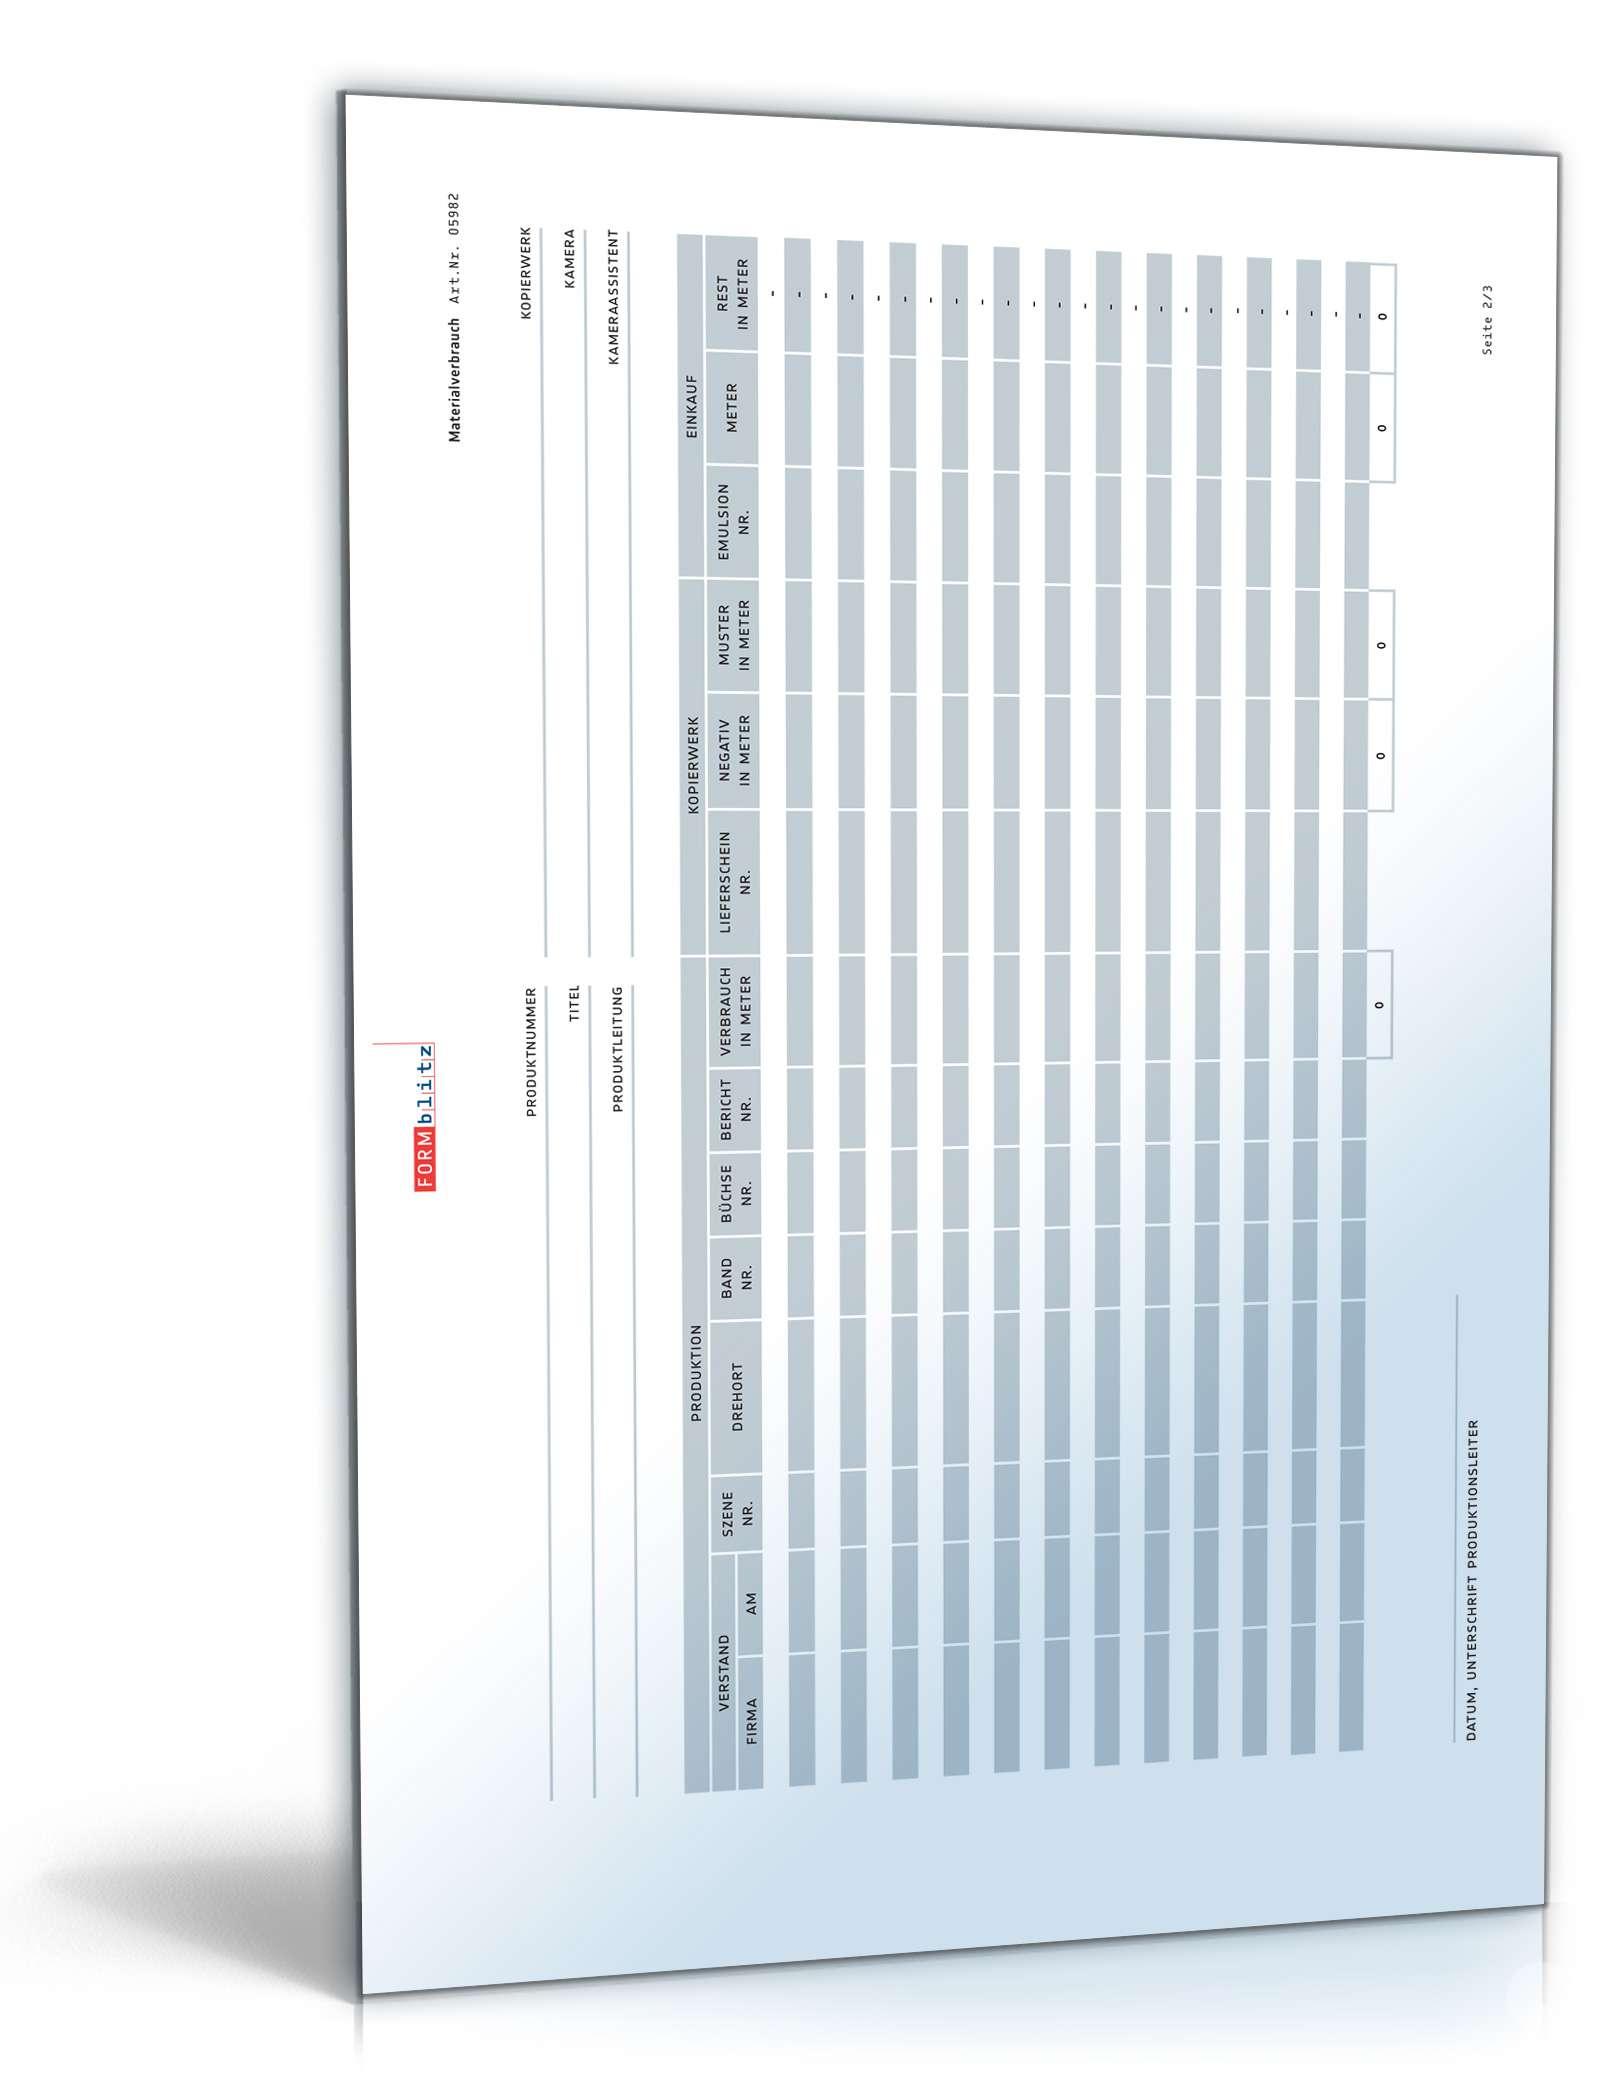 Materialverbrauch Berechnen : materialverbrauch film vorlage zum download ~ Themetempest.com Abrechnung